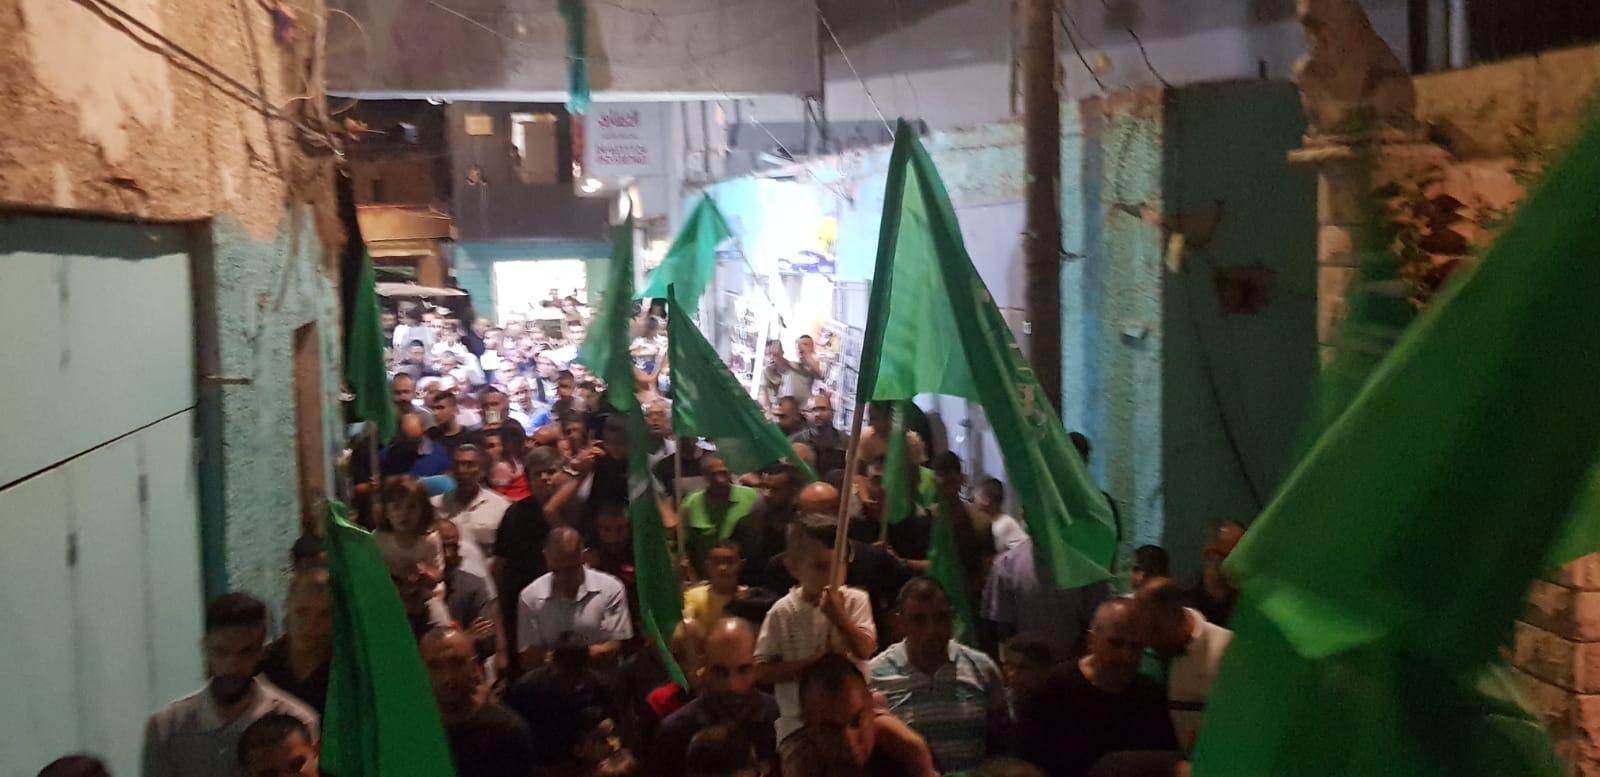 ام الفحم: مشاركة واسعة في مسيرة العيد